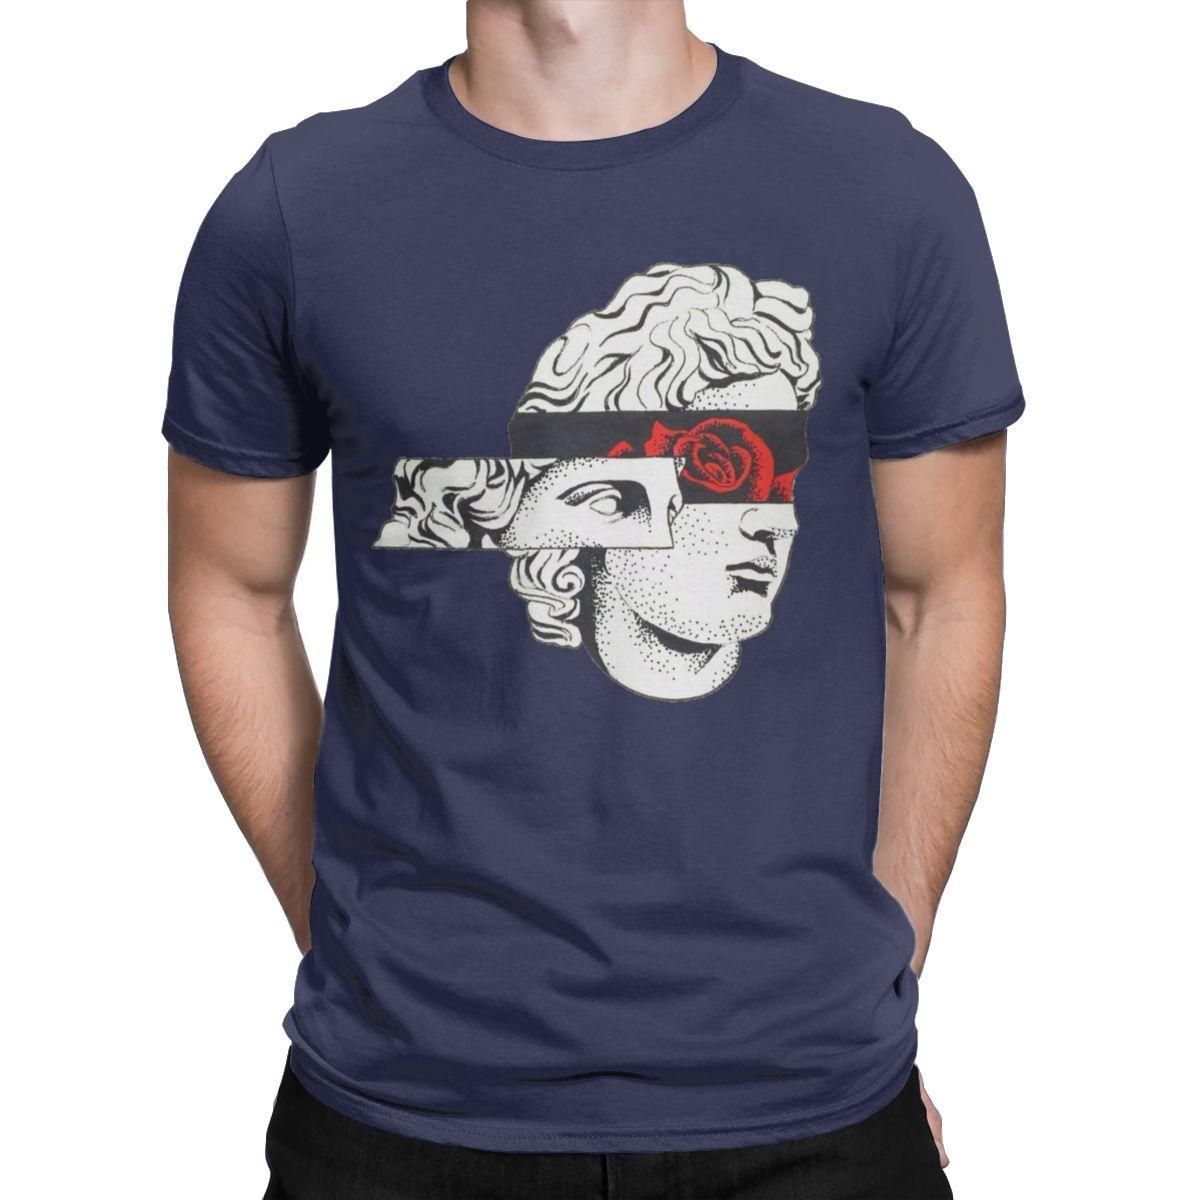 Мужчины Футболки David Michelangelo Eyes Vintage 100% хлопок тройники с коротким рукавом футболки круглым воротом Одежда Graphic Плюс Размер